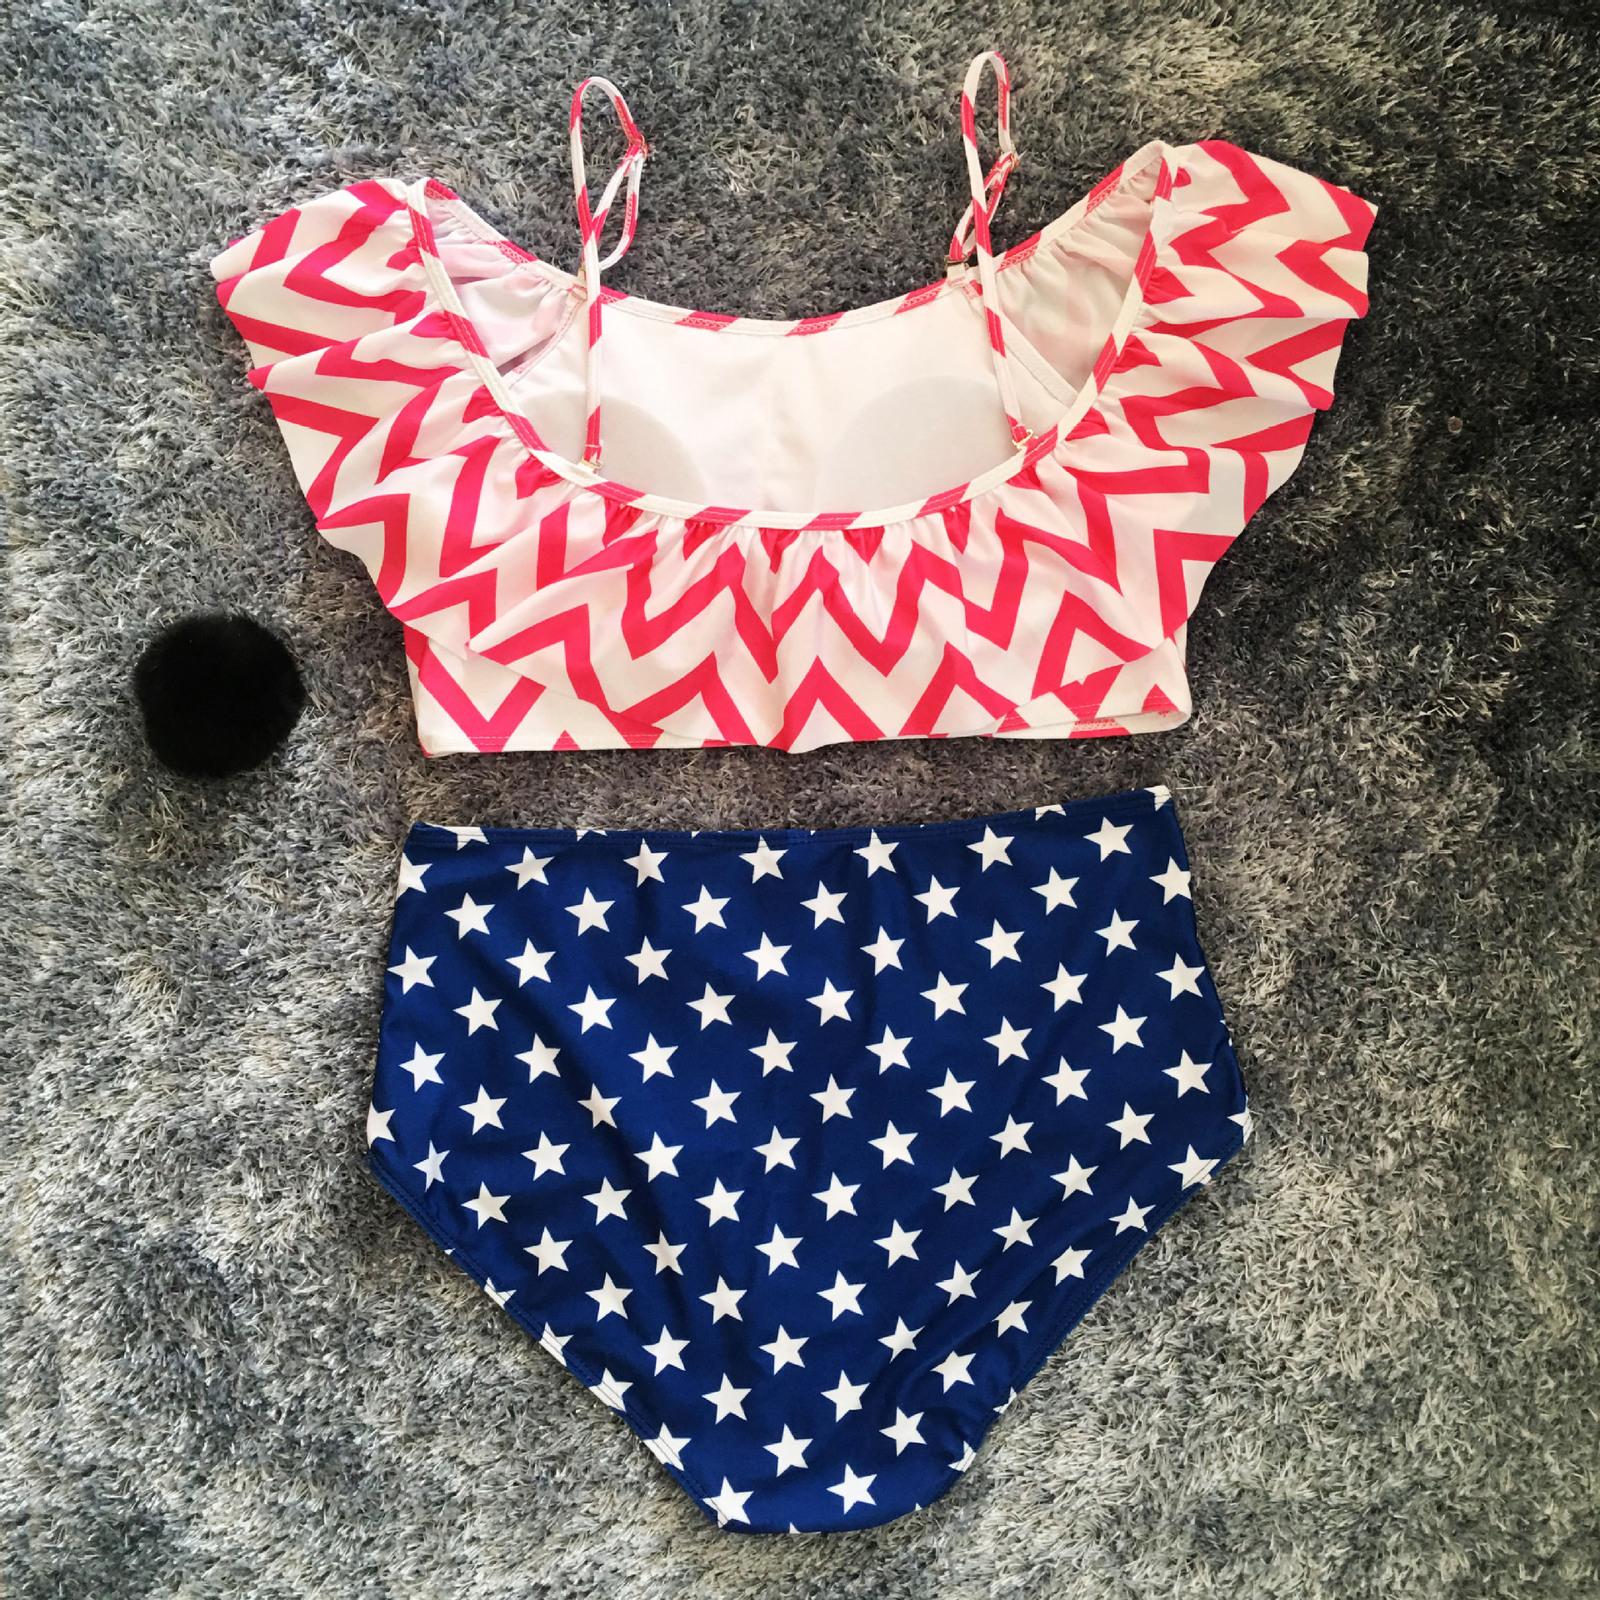 Women's Plus Size Ruffle Off Shoulder High Waist Two Pieces Bikini Set